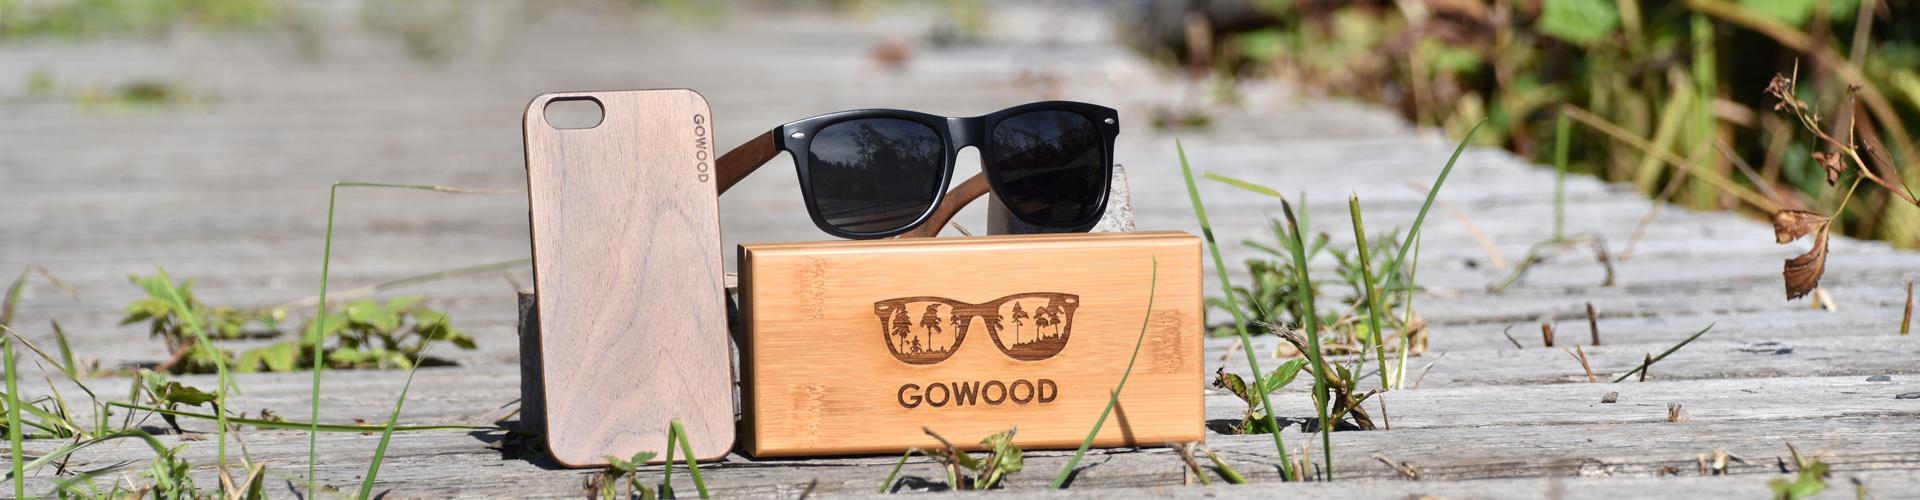 wood sunglasses, wood phone cases